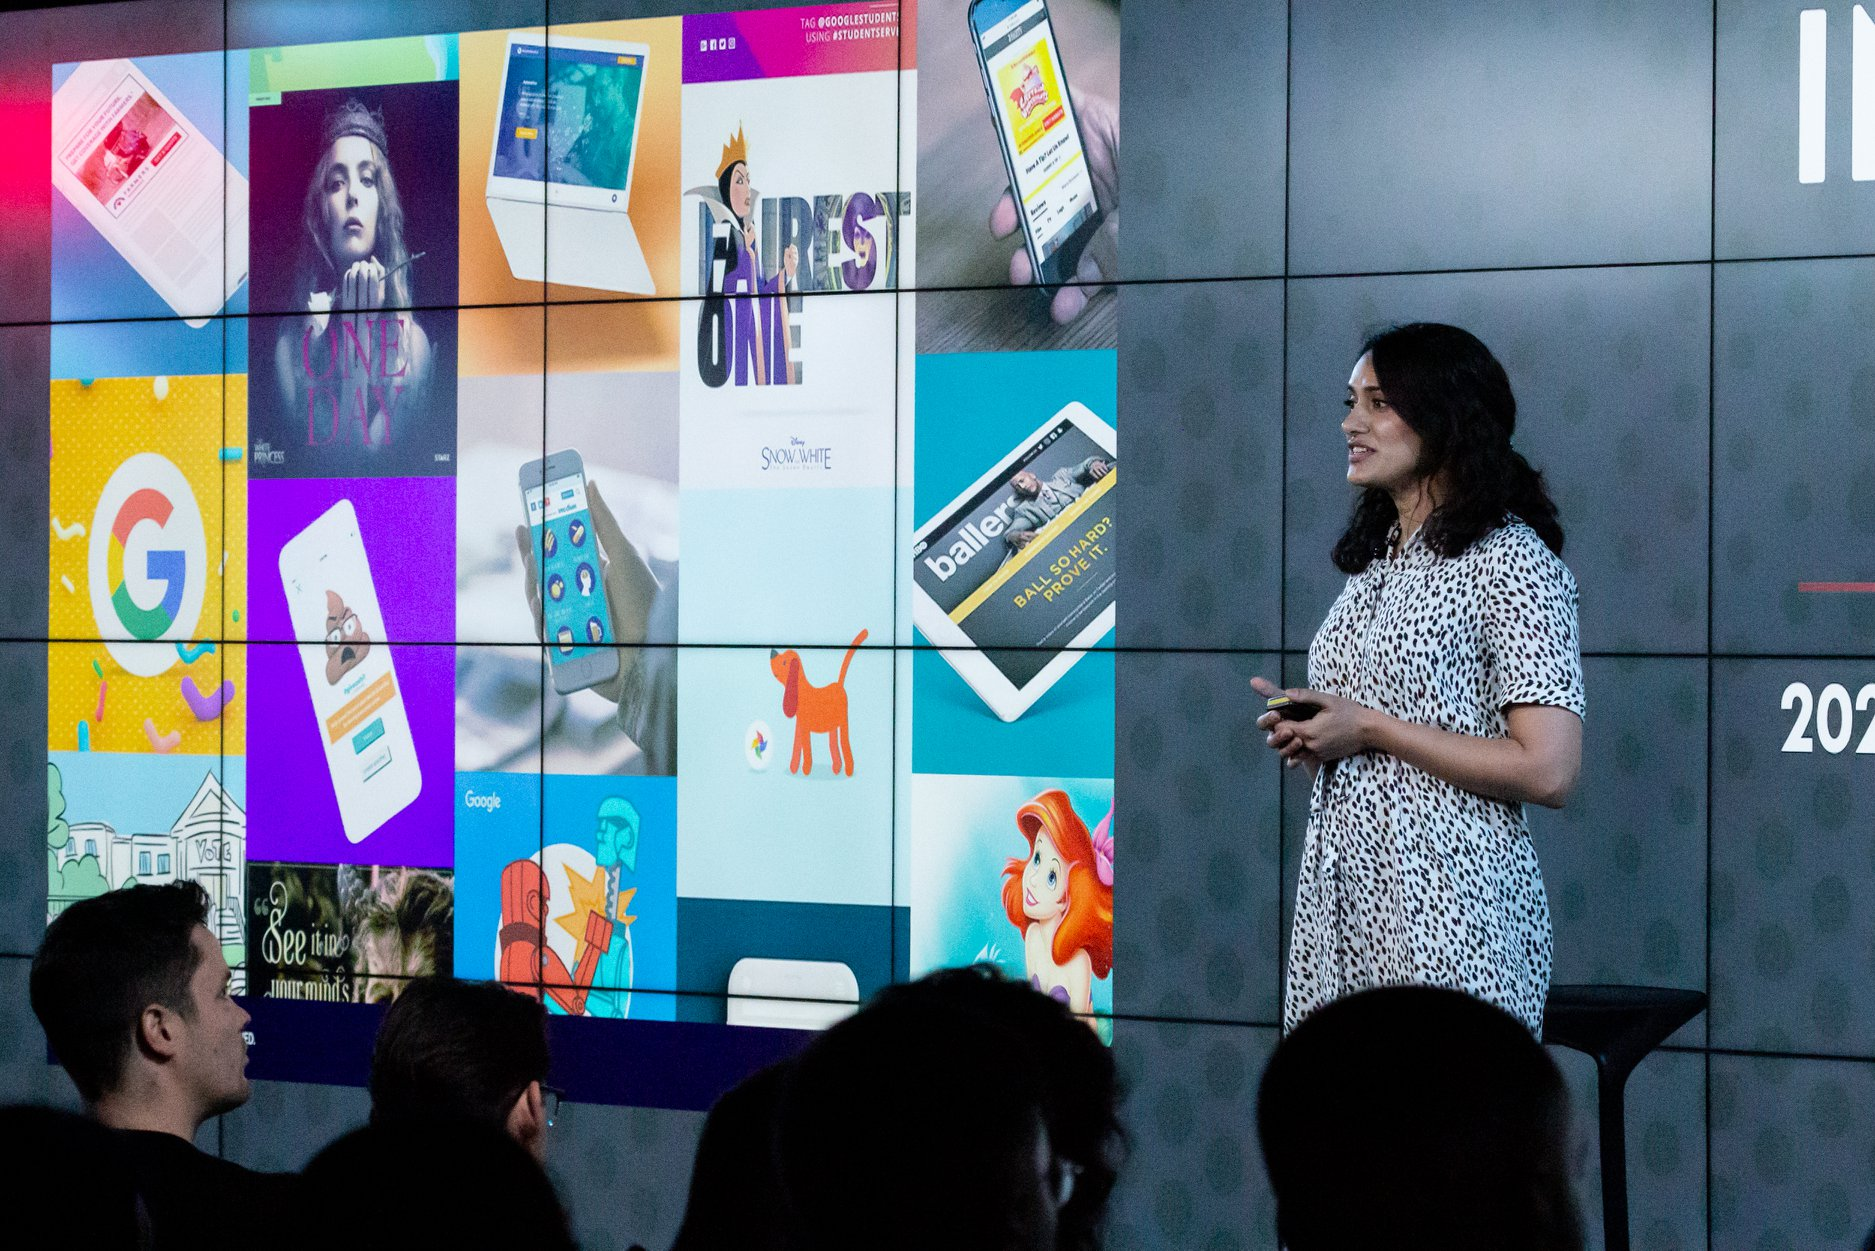 Adlingo incubeta ignite: the future of advertising - nmpi